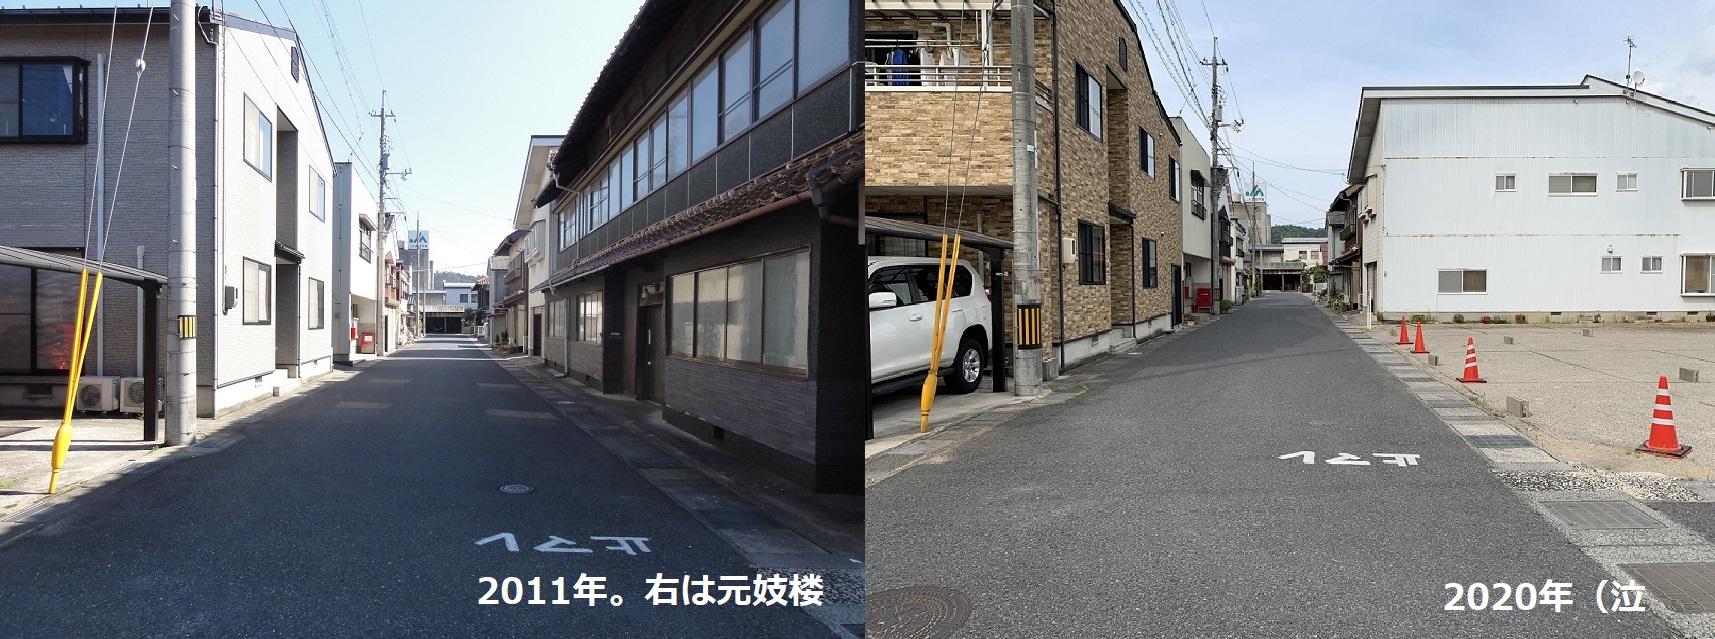 倉吉新地遊郭赤線9年後比較